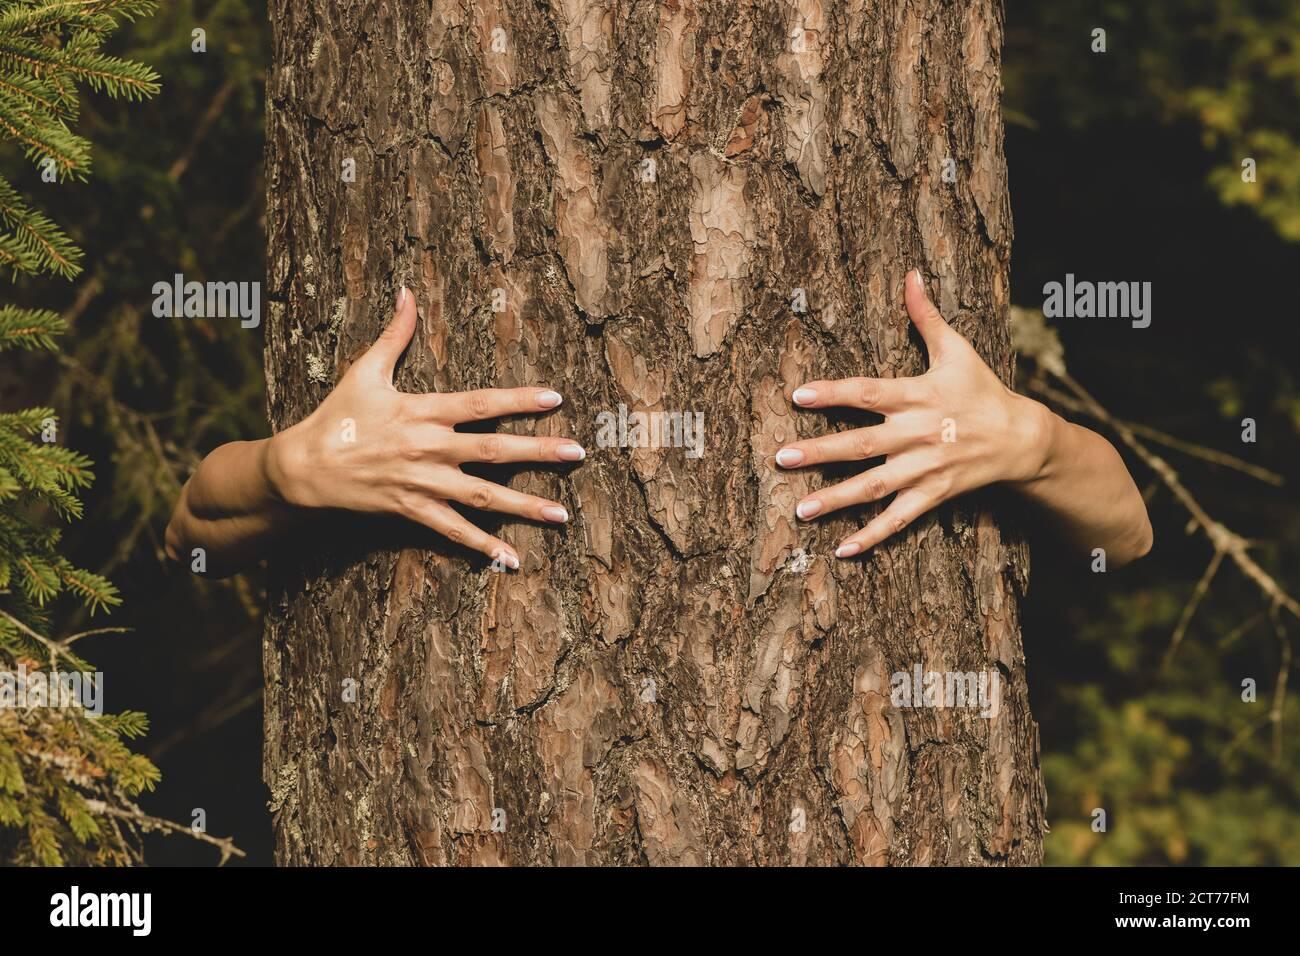 Concepto humano y natural. Mujer manos abrazando el pino en el fondo del follaje oscuro con el espacio de copia Foto de stock